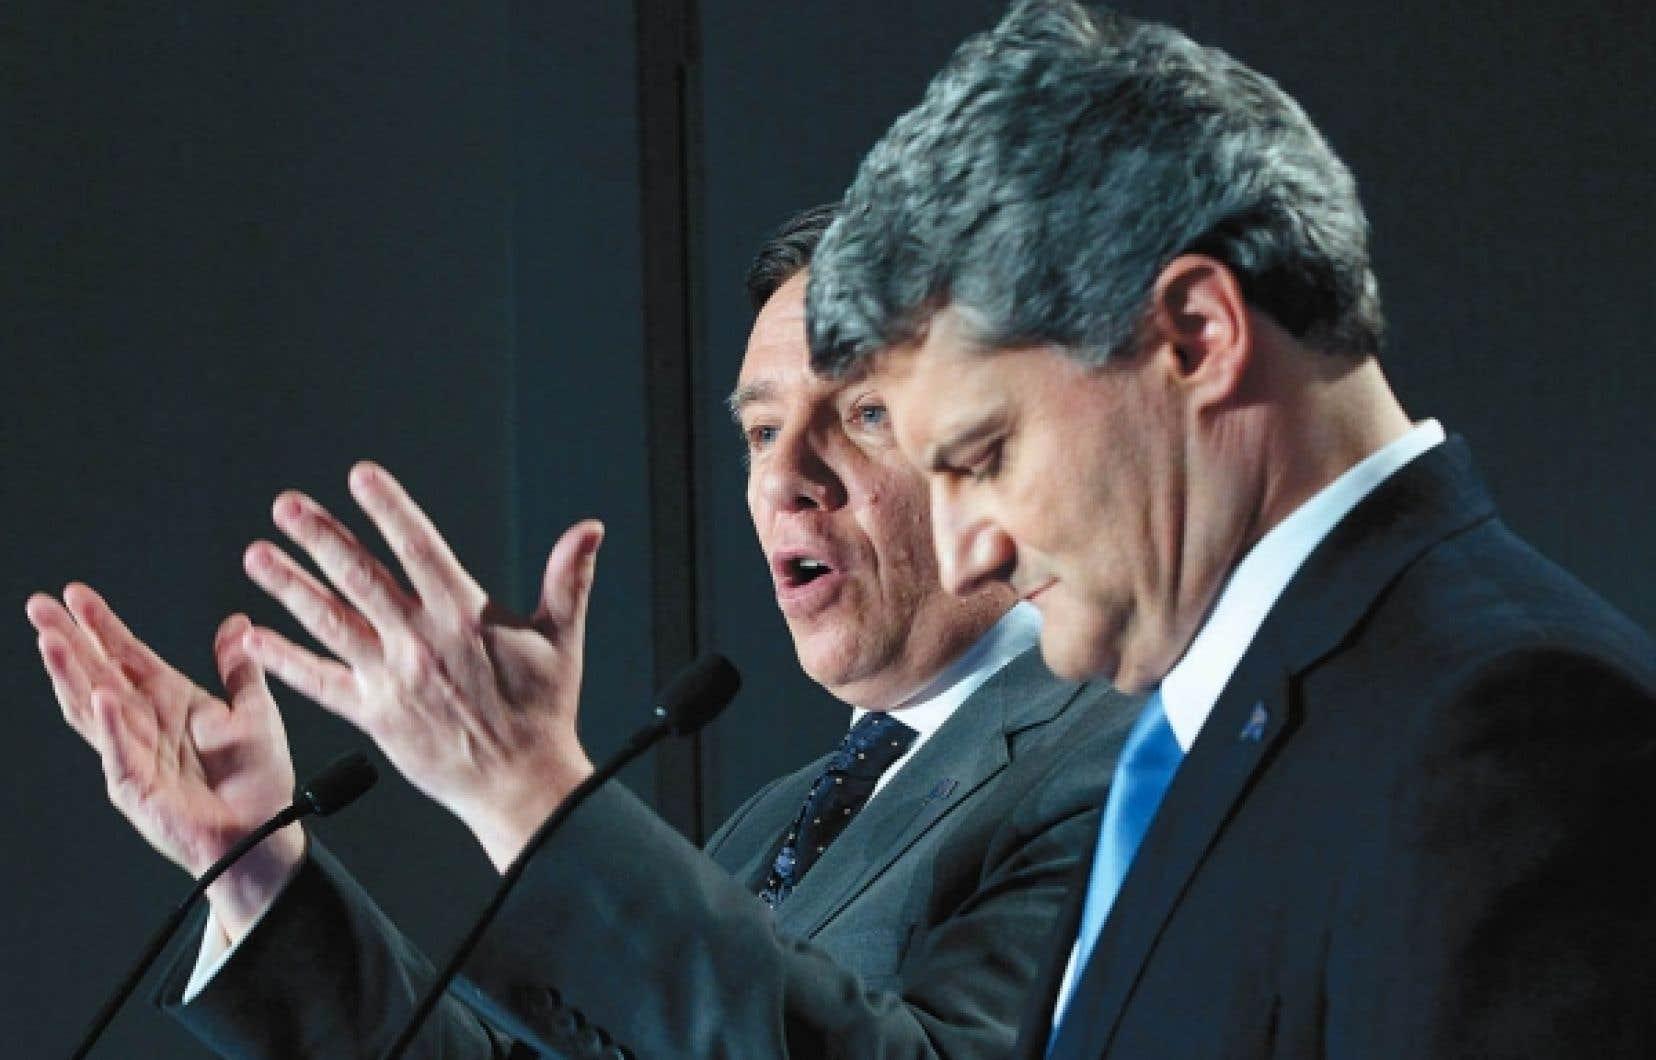 Le chef de la CAQ, François Legault, et celui de l'ADQ, Gérard Deltell, étaient côte à côte hier, à Québec, pour annoncer la conclusion de l'entente de principe sur la fusion des deux partis. M. Deltell agira comme chef parlementaire de la CAQ.<br />